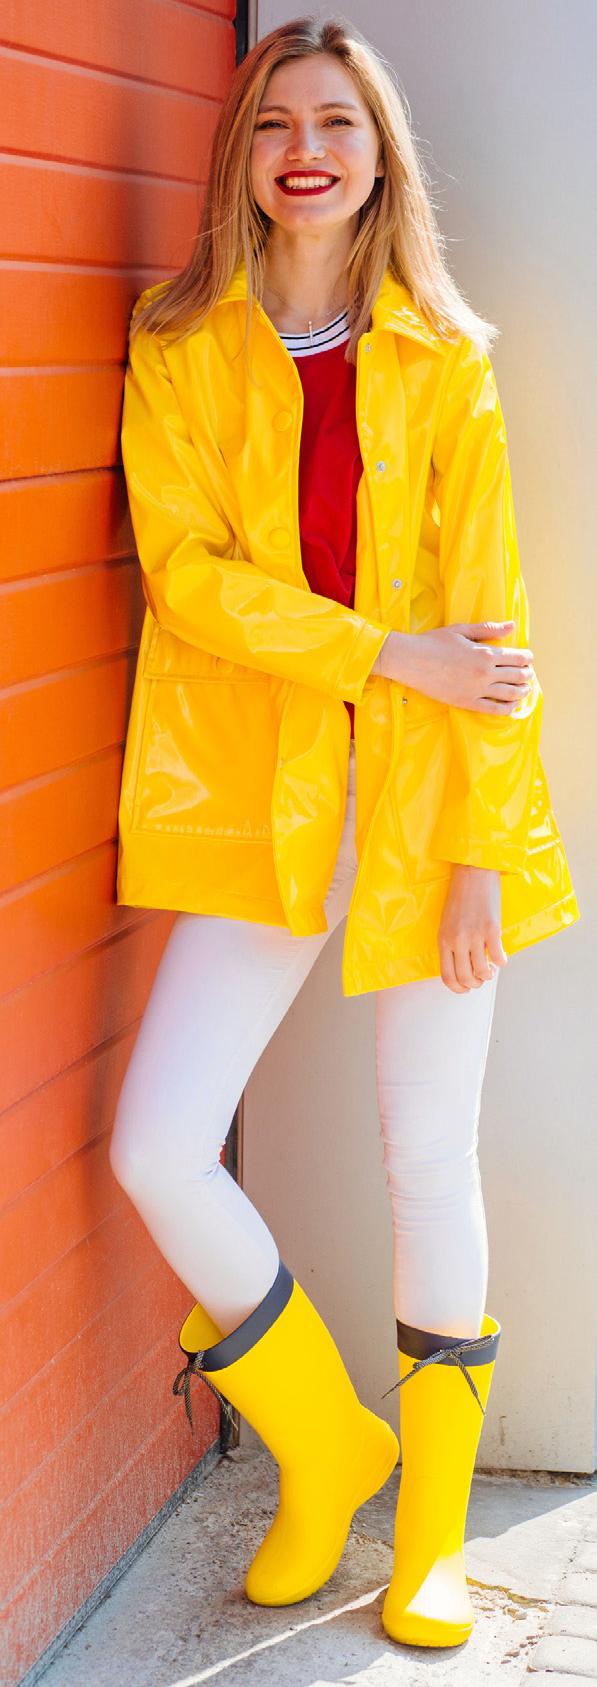 SALONFÄHIG Der klassische gelbe Regenmantel wird heute modisch kombiniert.